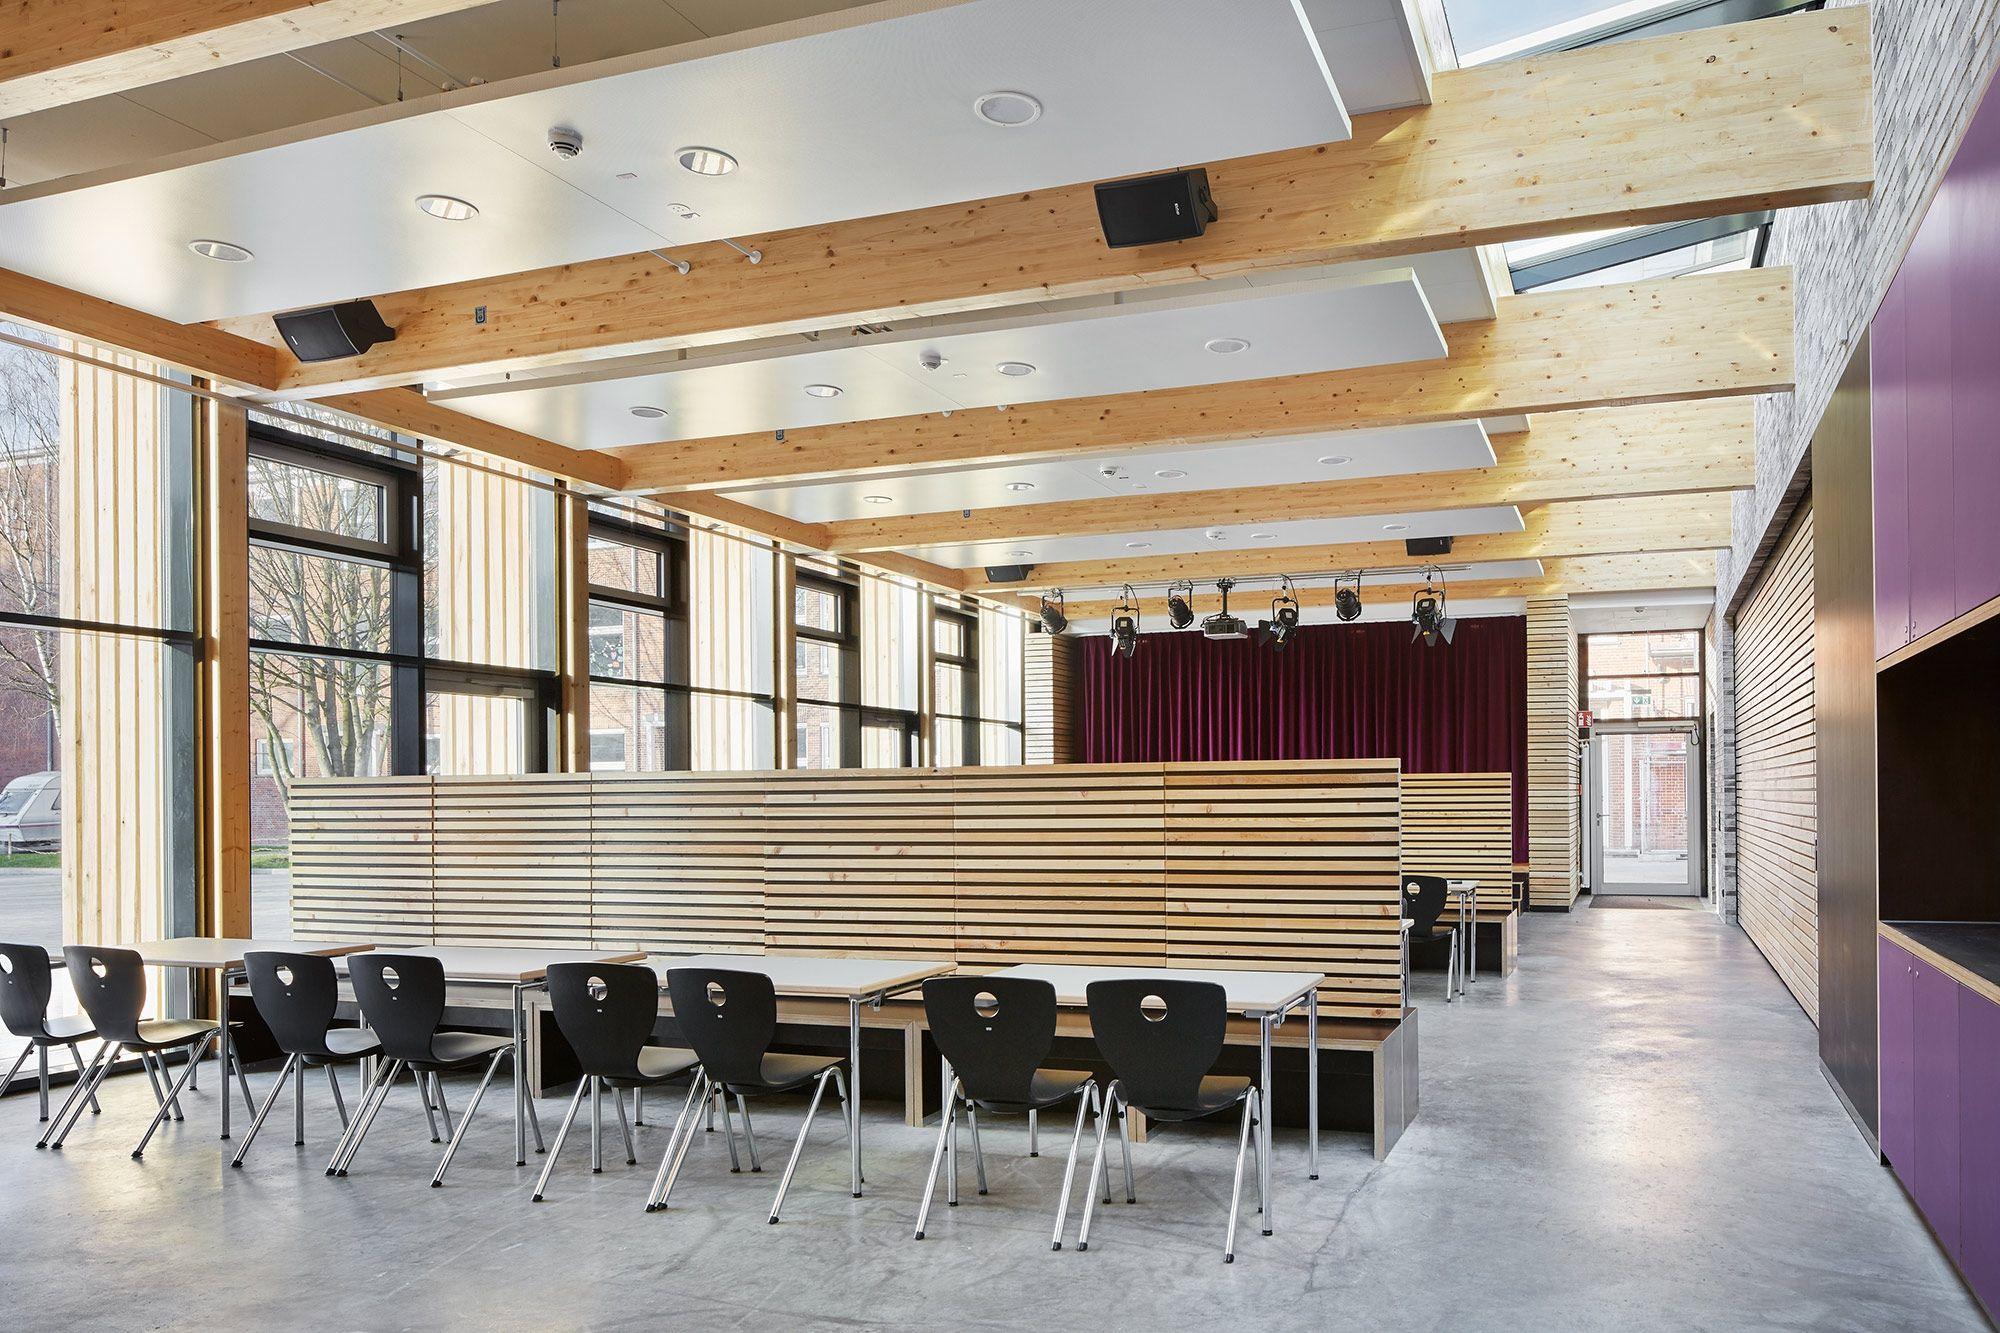 Kiel Architekten preis erweiterung hans christian andersen schule landeshauptstadt